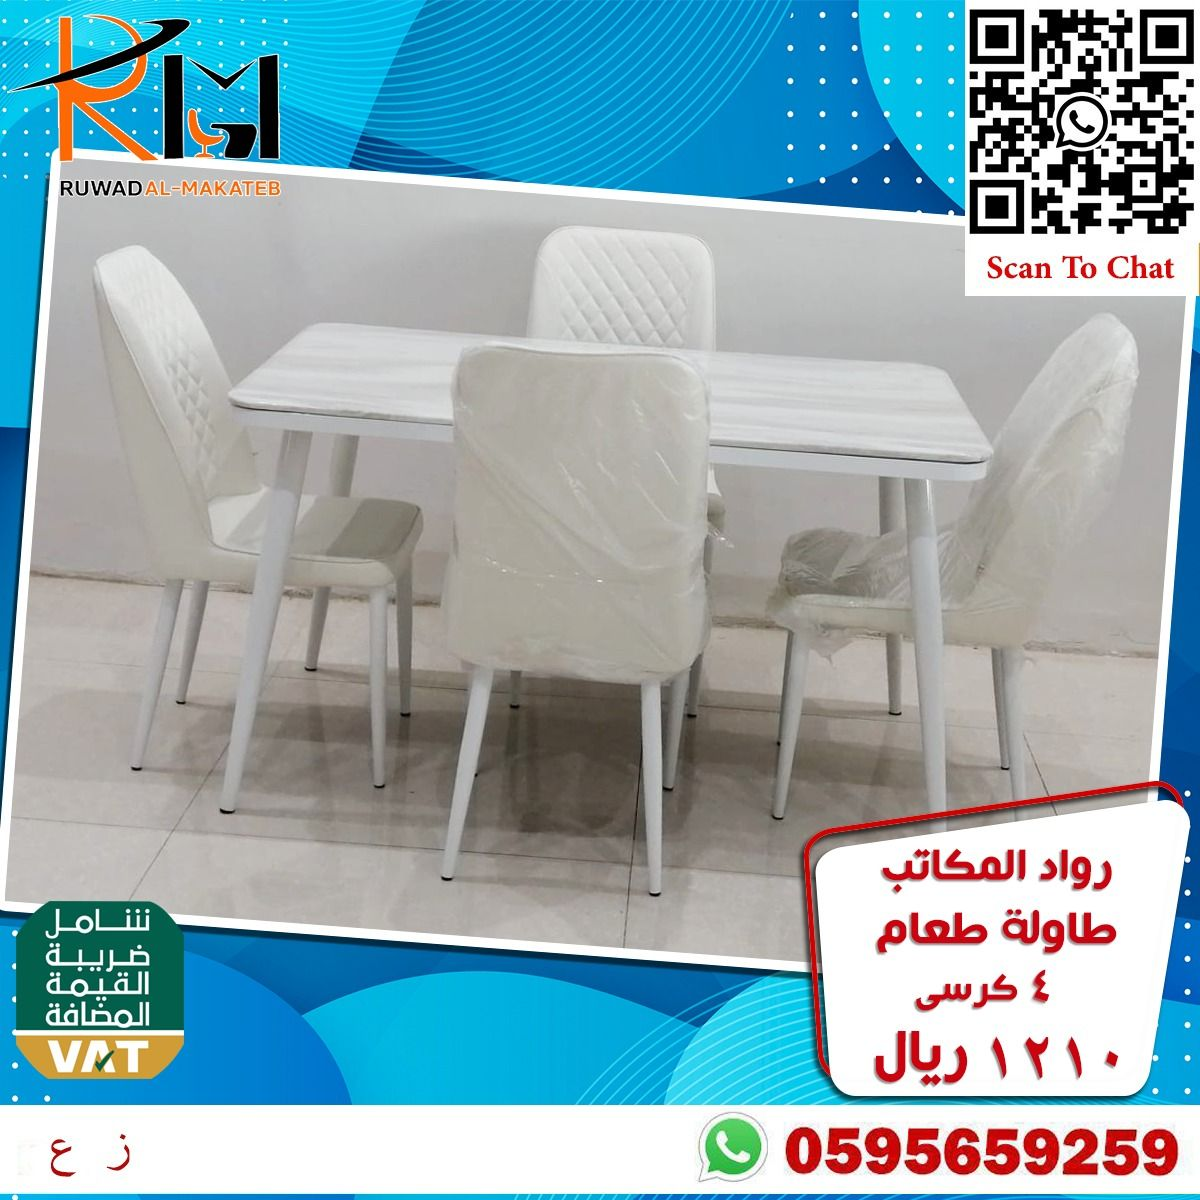 طاولة طعام ٤ اشخاص In 2021 Home Decor Furniture Dining Chairs